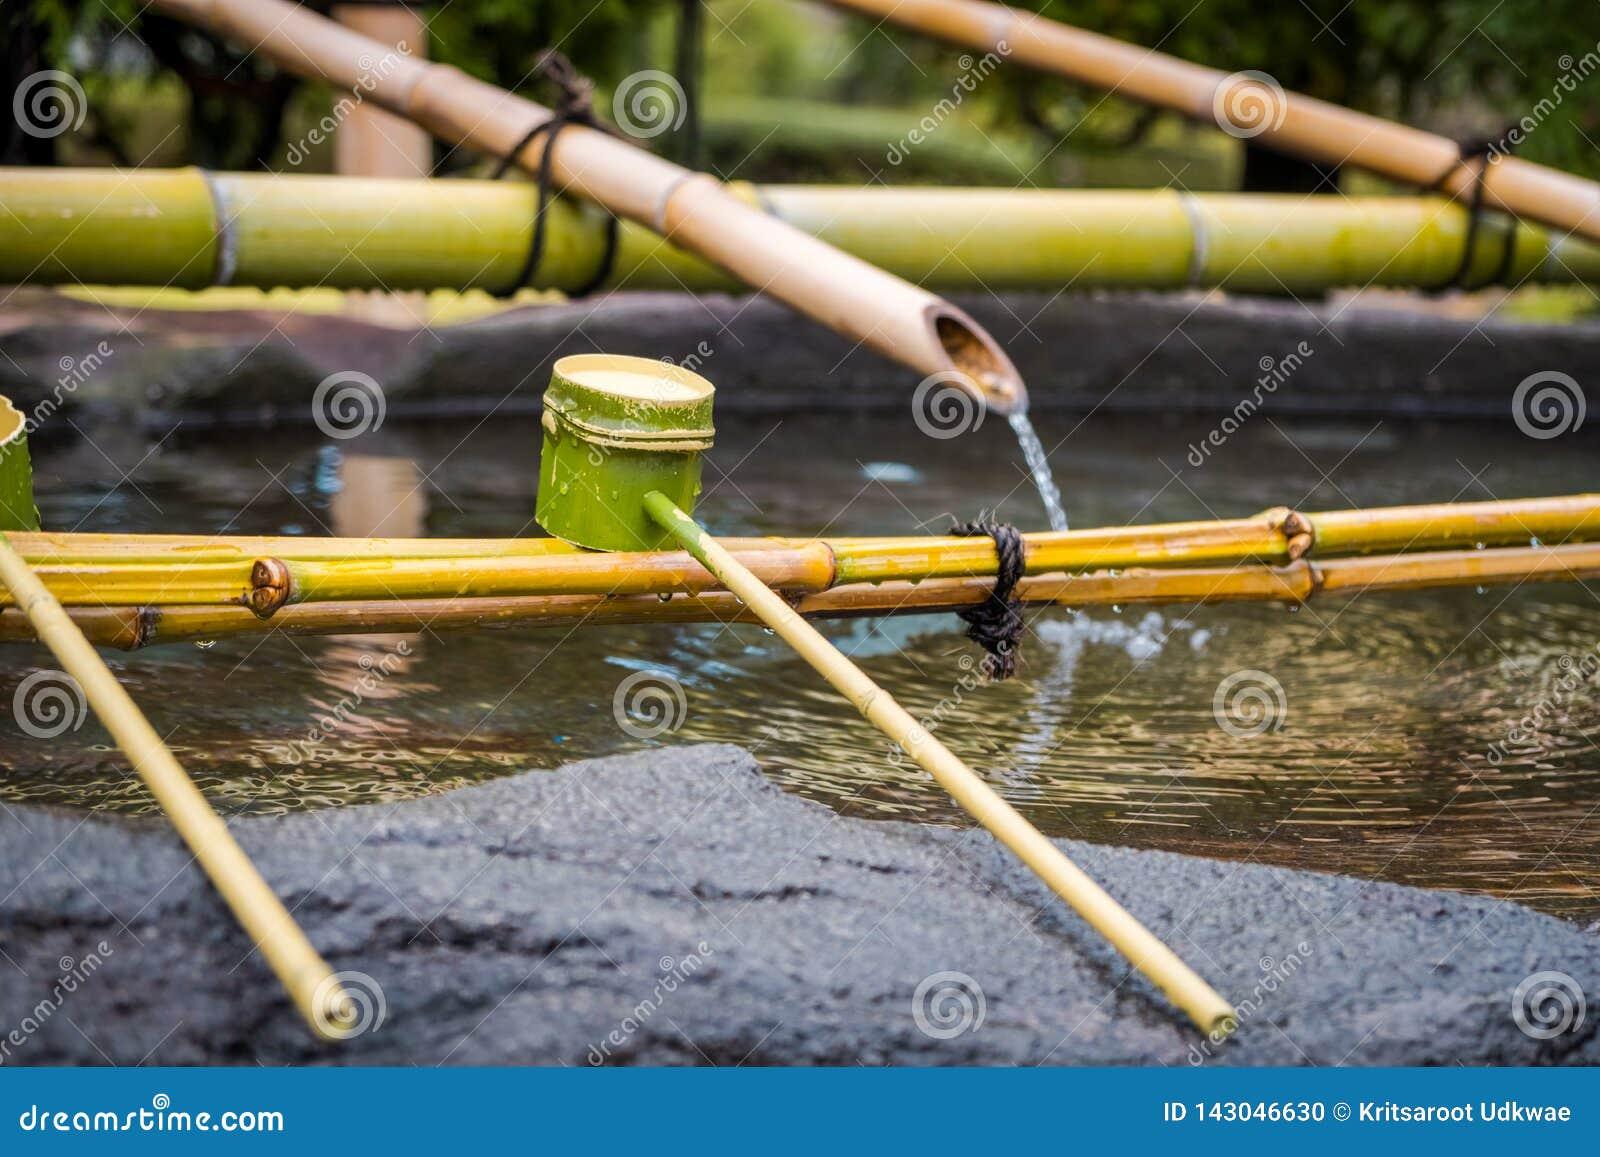 La cérémonie de nettoyage de Shinto Omairi à l aide de l eau dans le scoop en bambou entrent avant au temple au Japon